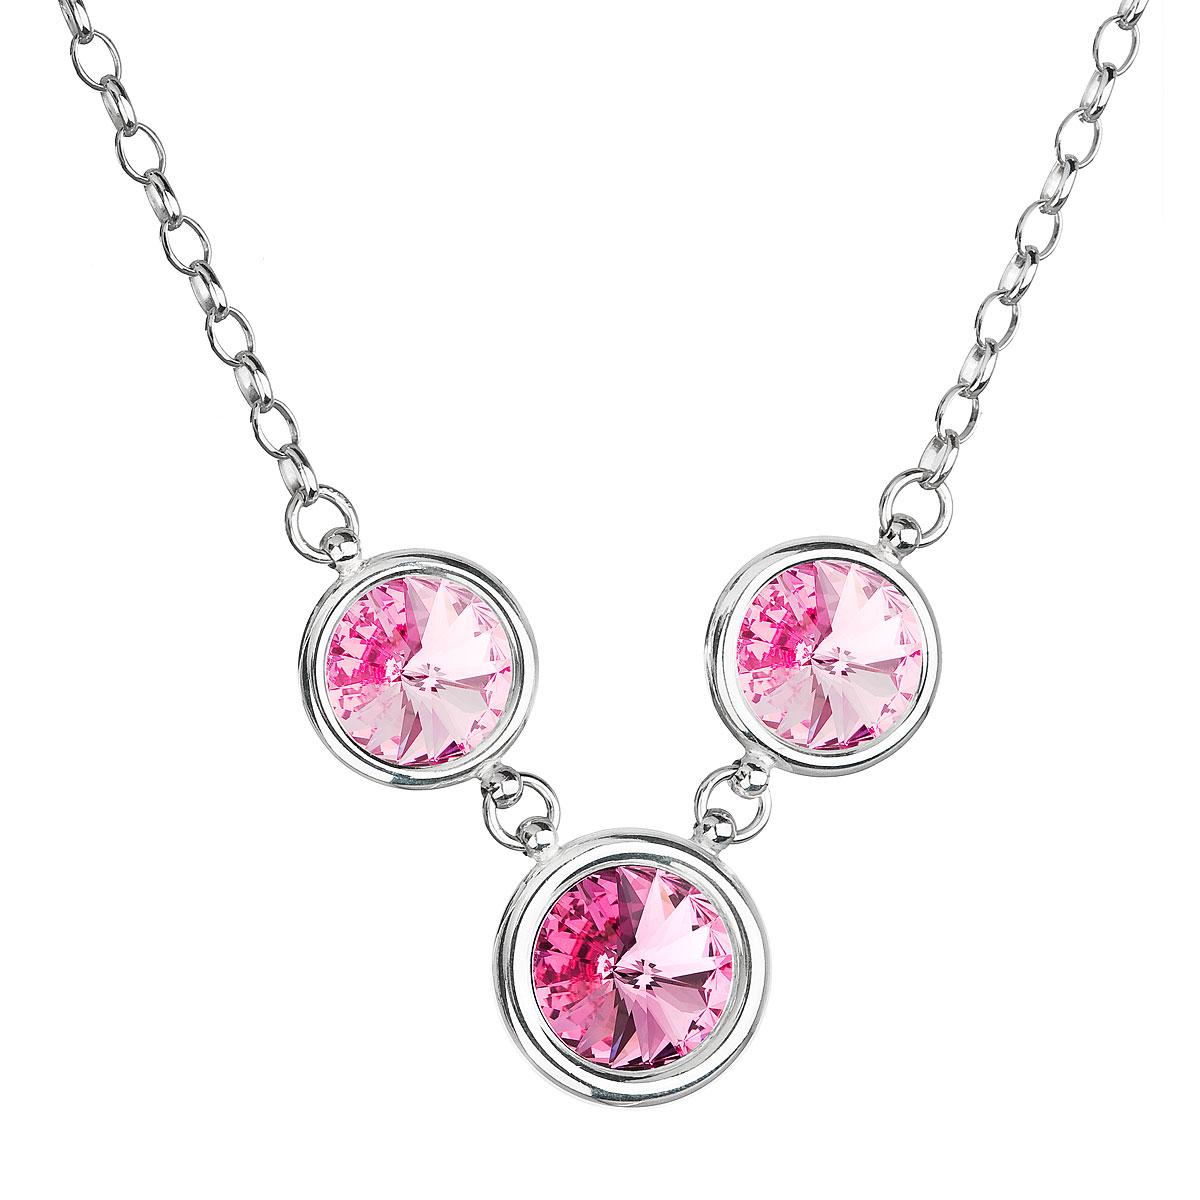 Evolution Group Stříbrný náhrdelník se Swarovski krystaly růžový kulatý 32033.3 rosa